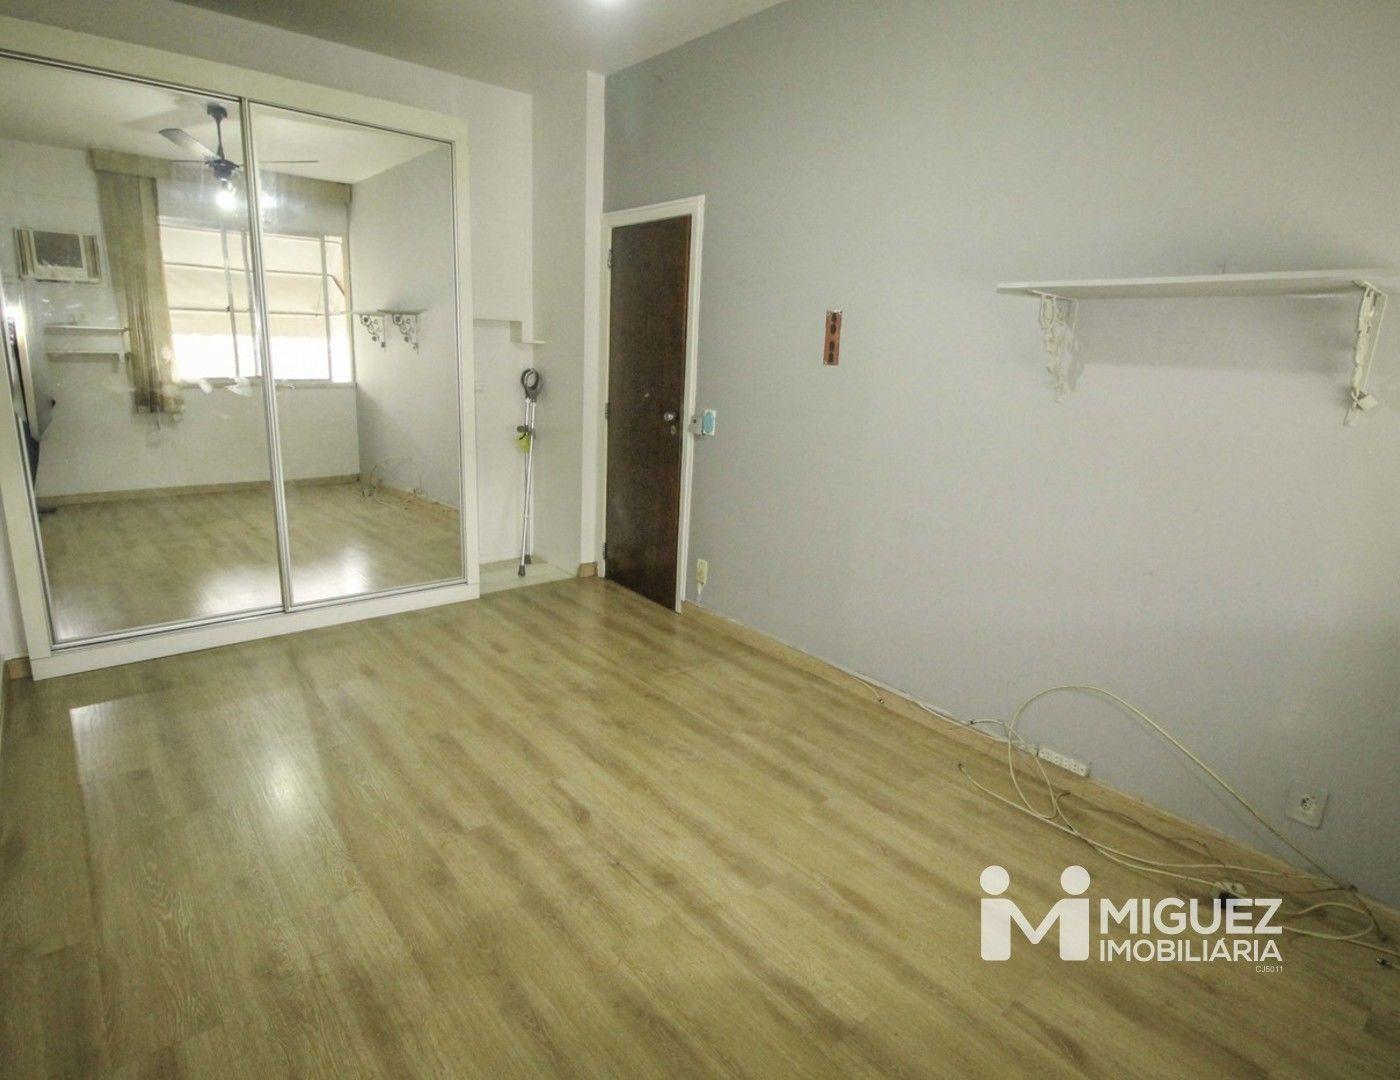 Apartamento, venda, Avenida Heitor Beltrão - Tijuca , Rio de janeiro